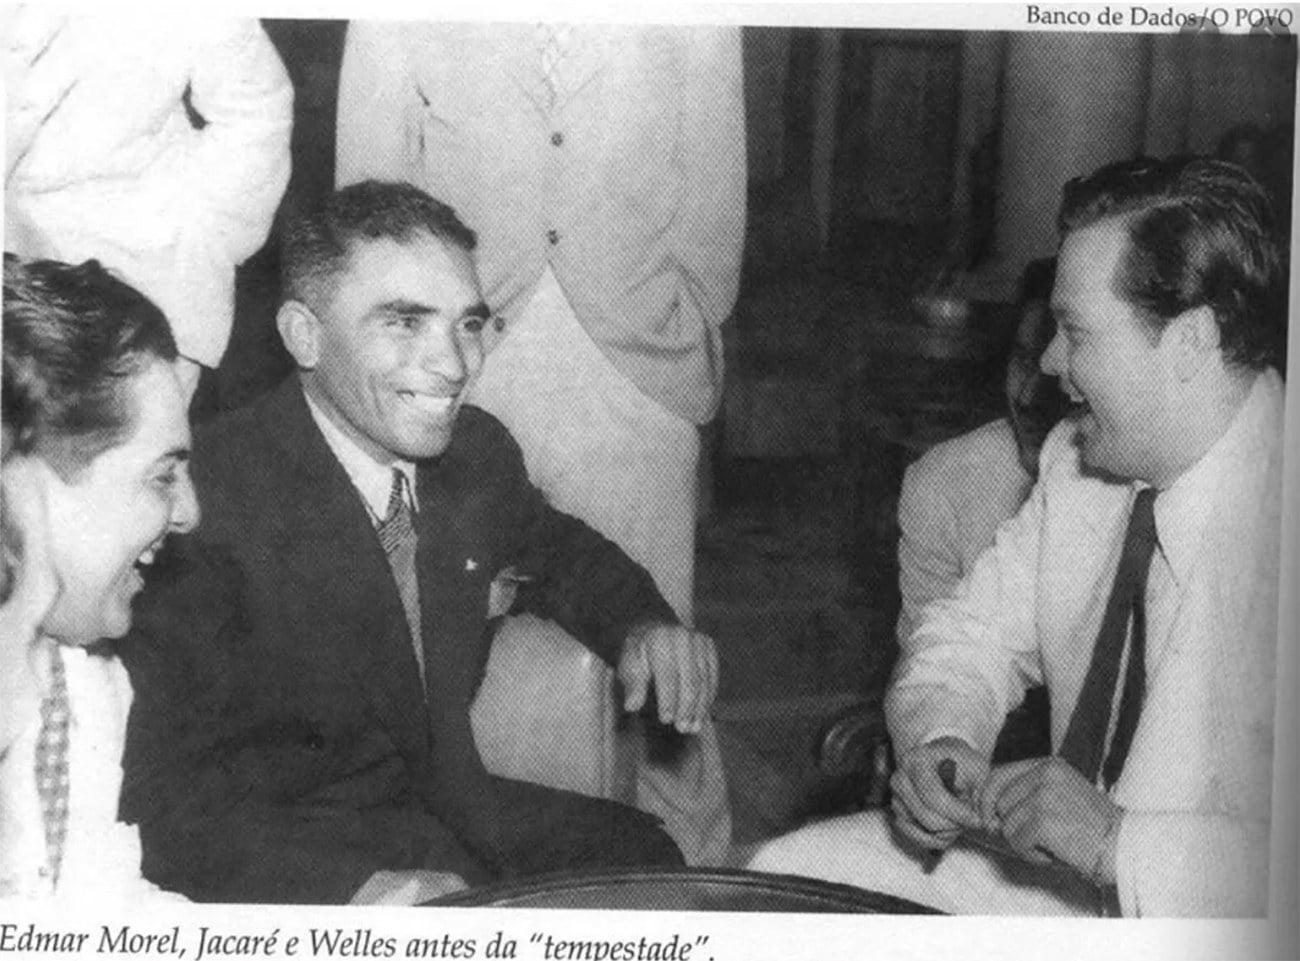 Imagem do jangadeiro Jacaré com Orson Welles.